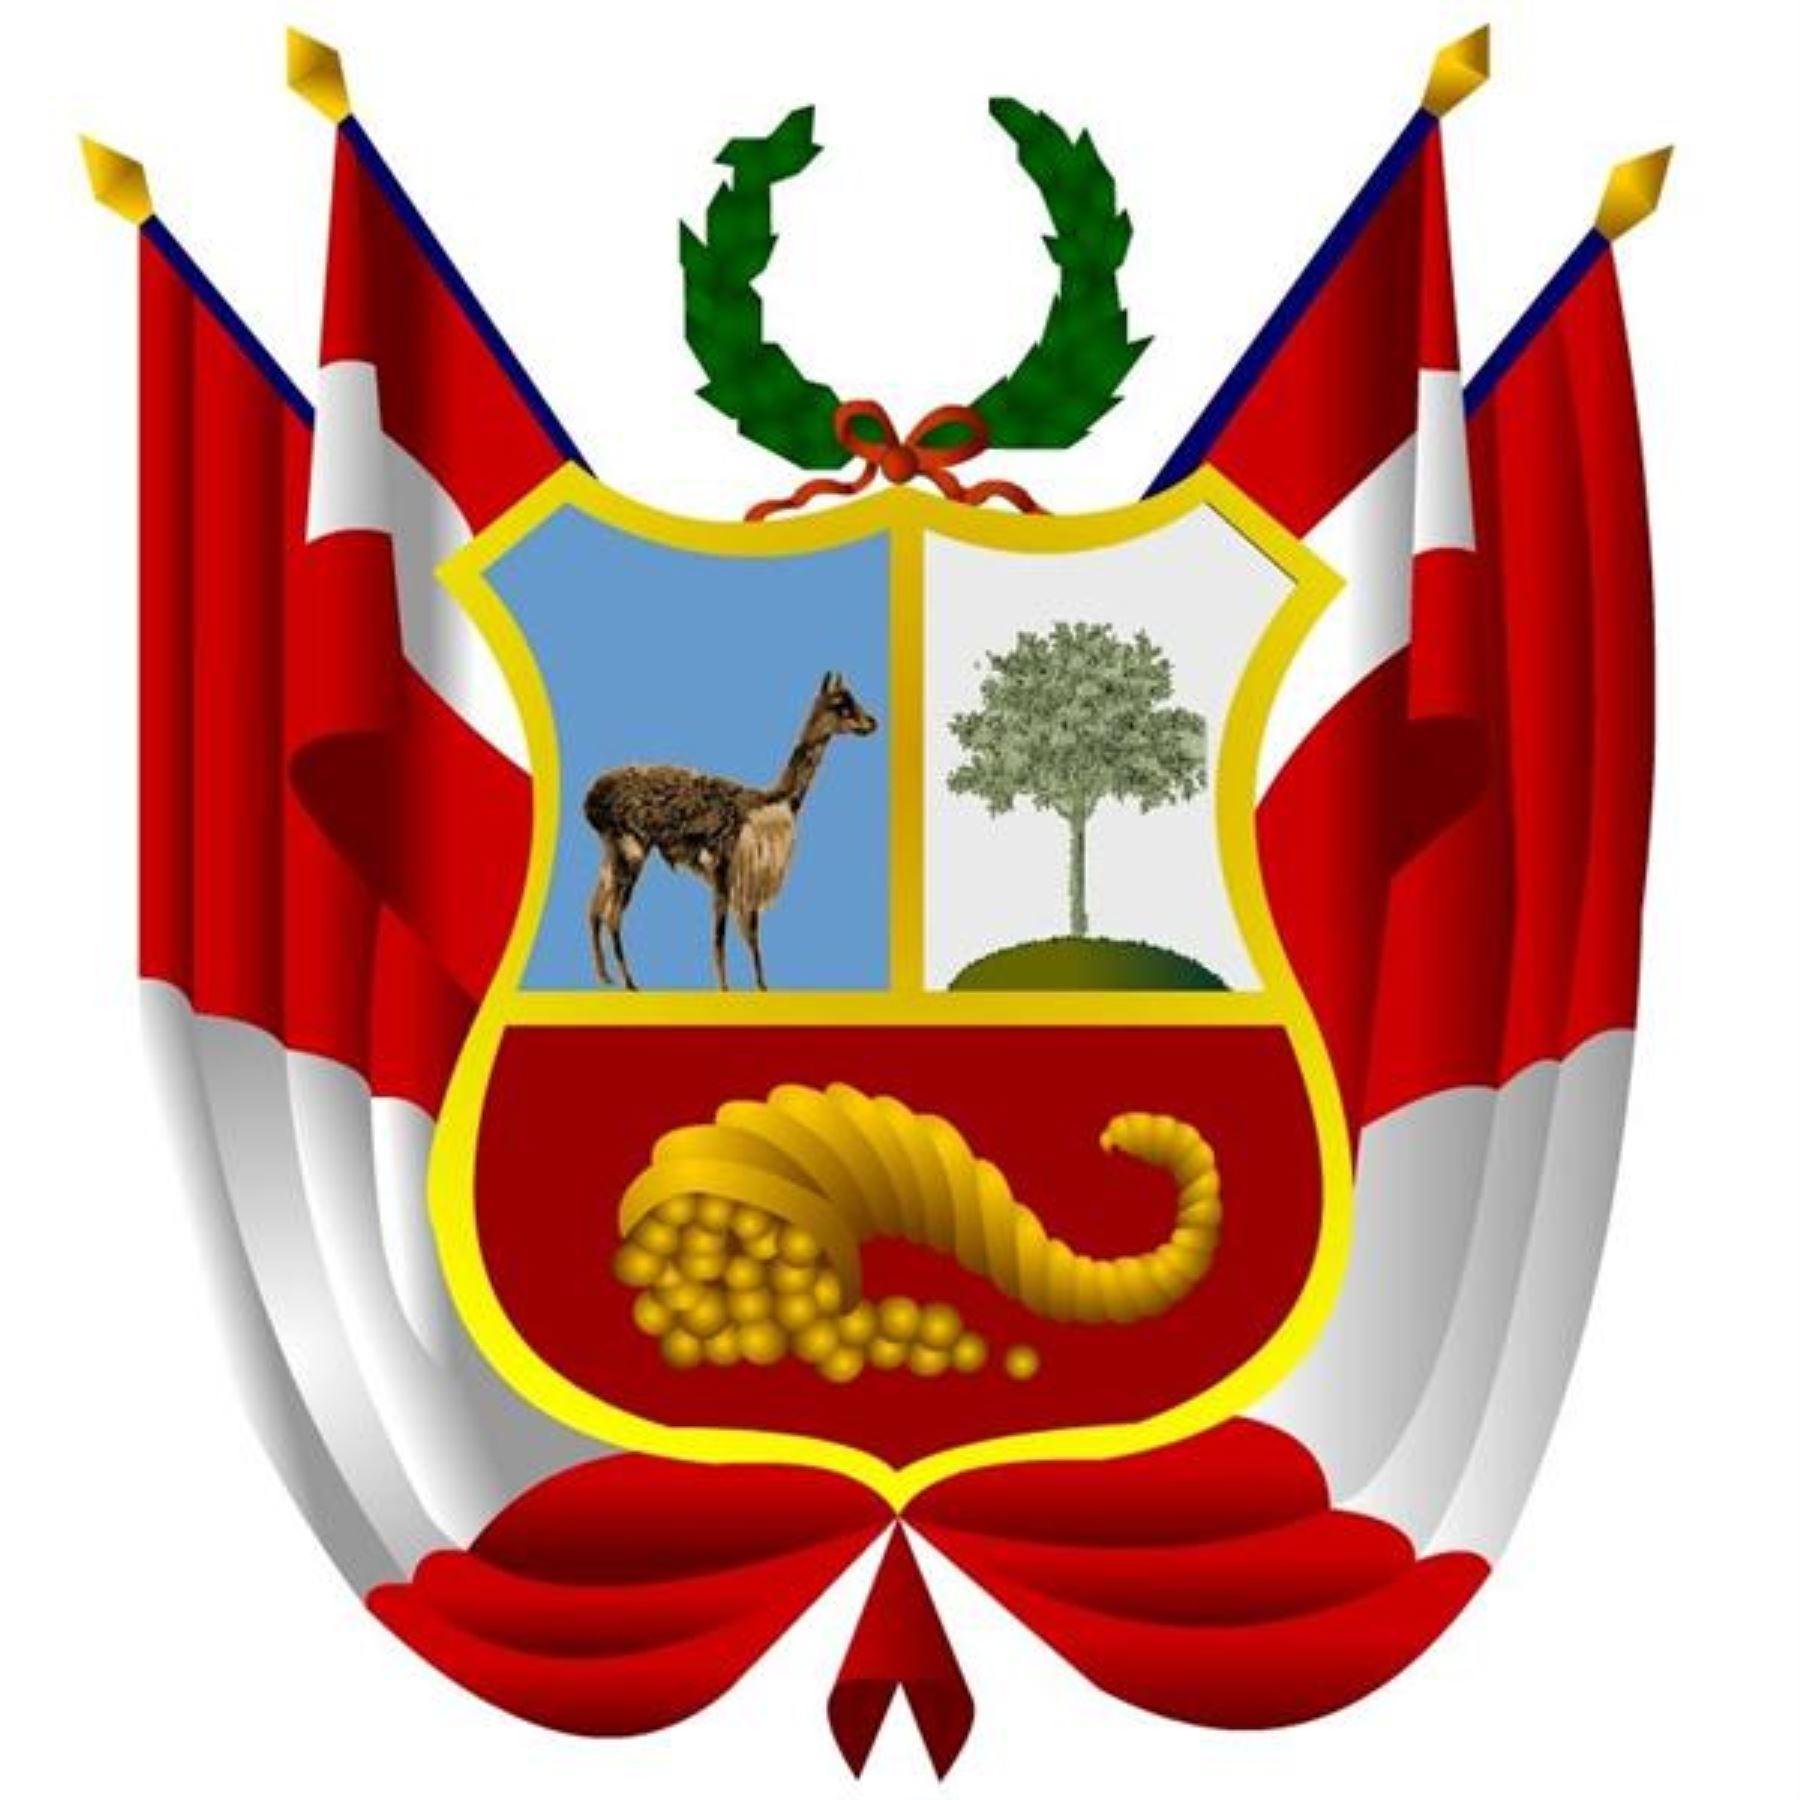 Escudo Nacional del Perú.